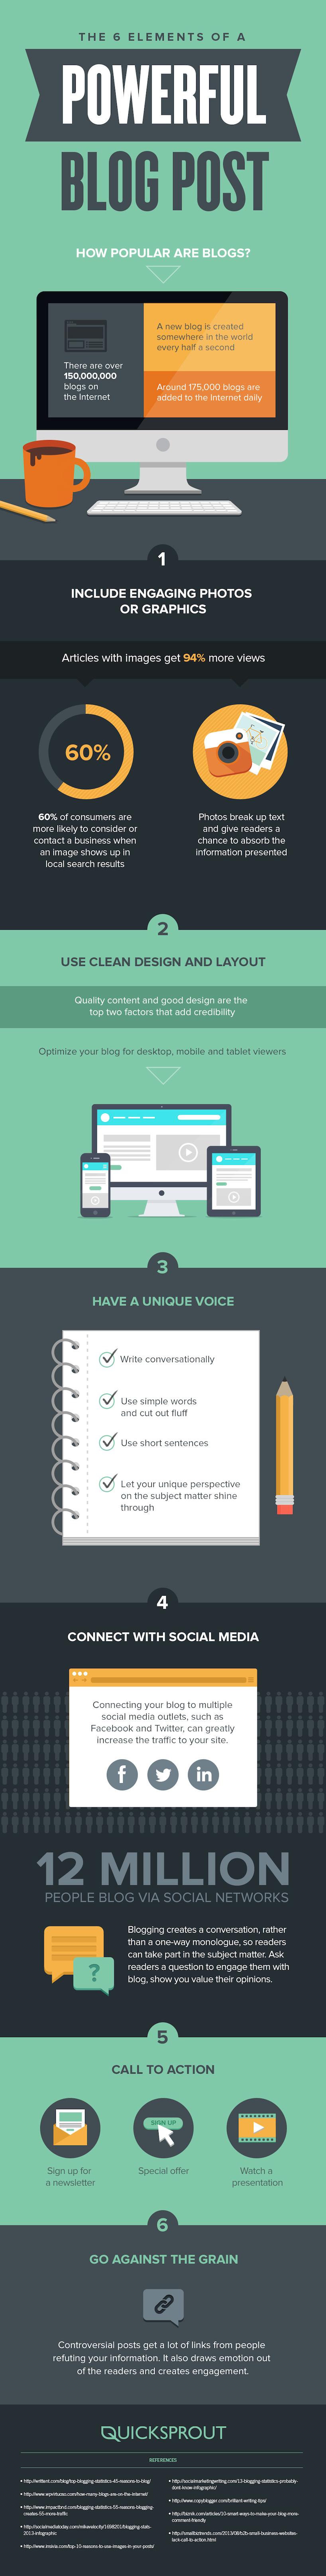 Het-geheim-van-een-effectieve-blog-6-elementen-infographic